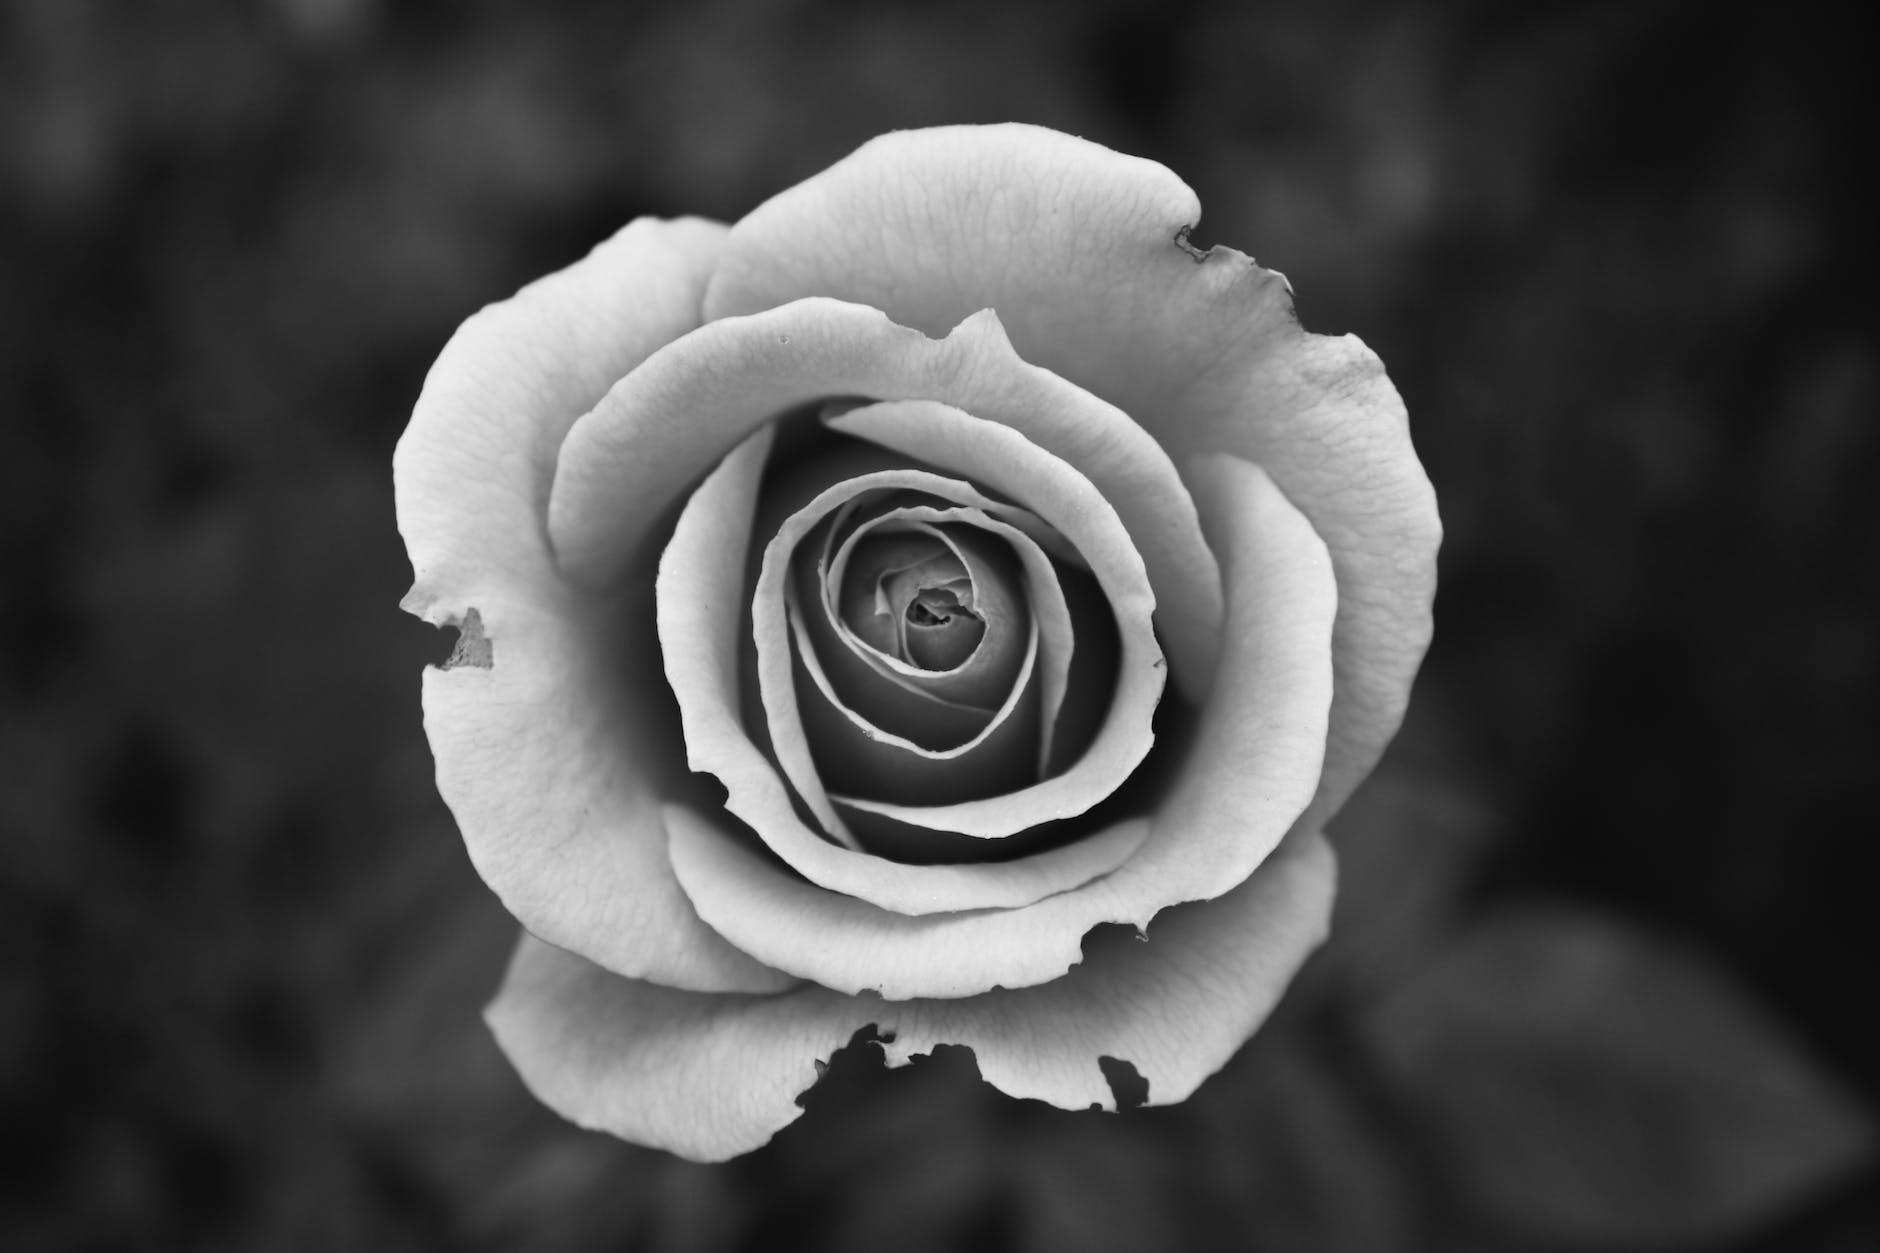 gambar bunga mawar hitam putih simple